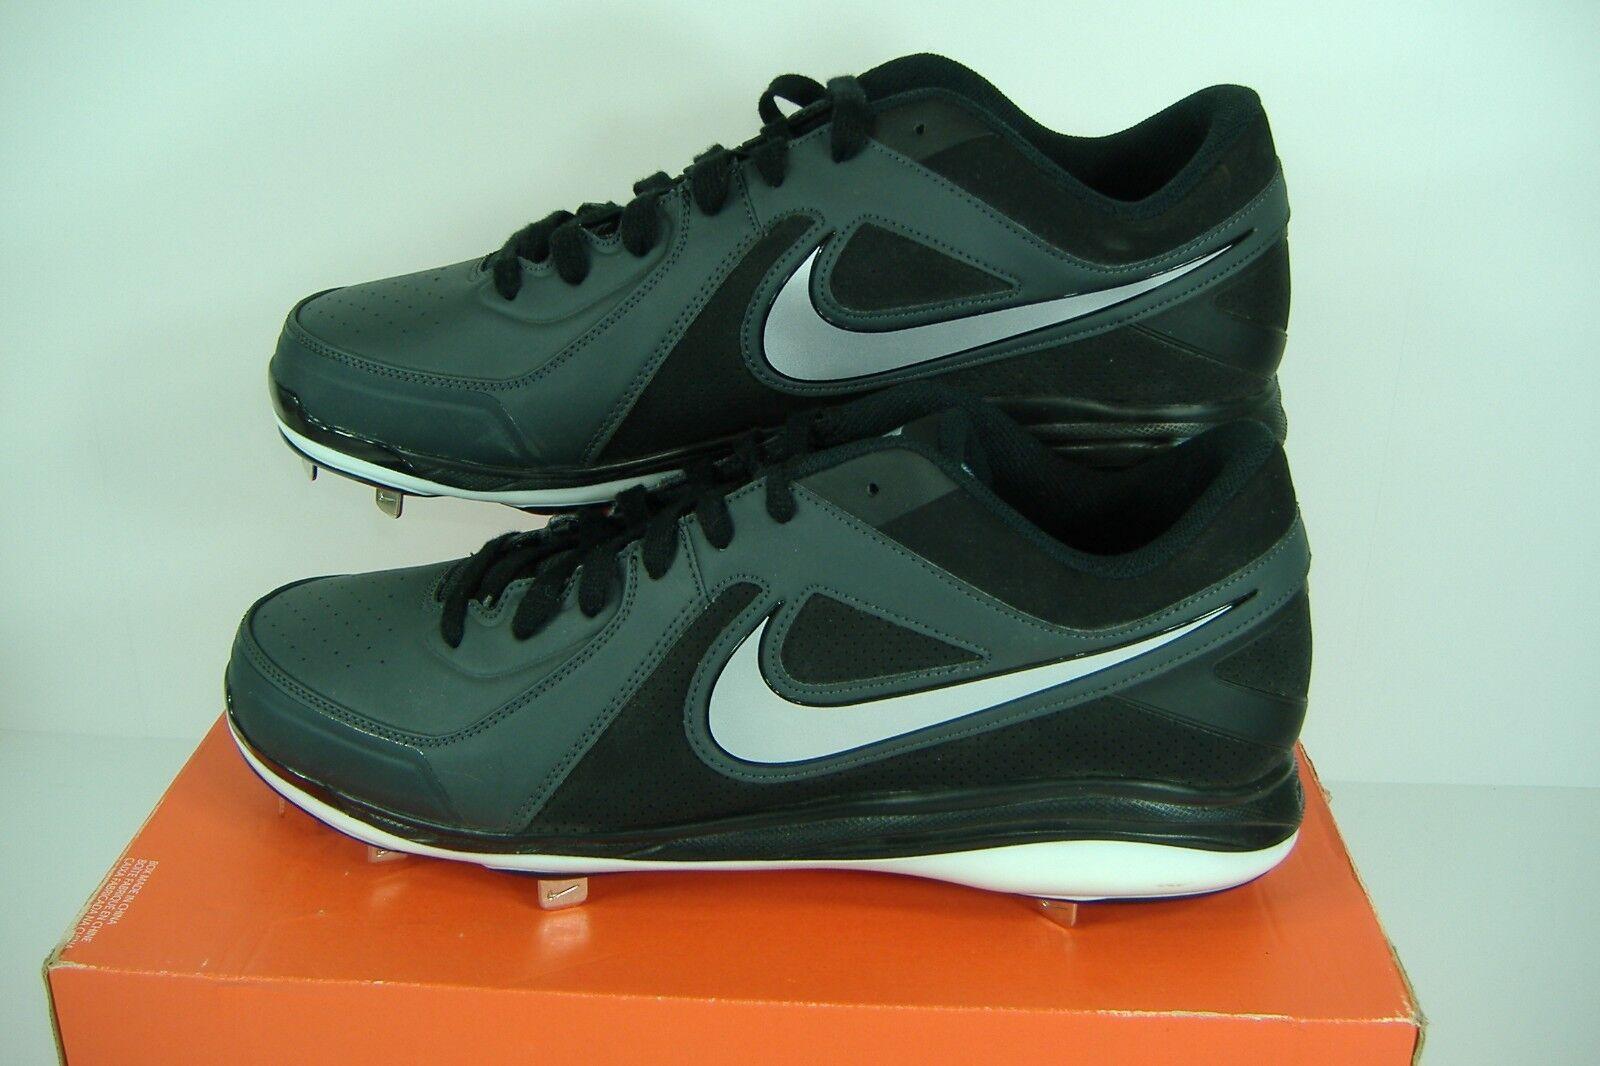 hombre 16 Nike Air Max MVP Pro Negro precio Blanco baseball metal cleats reducción de precio Negro 339054